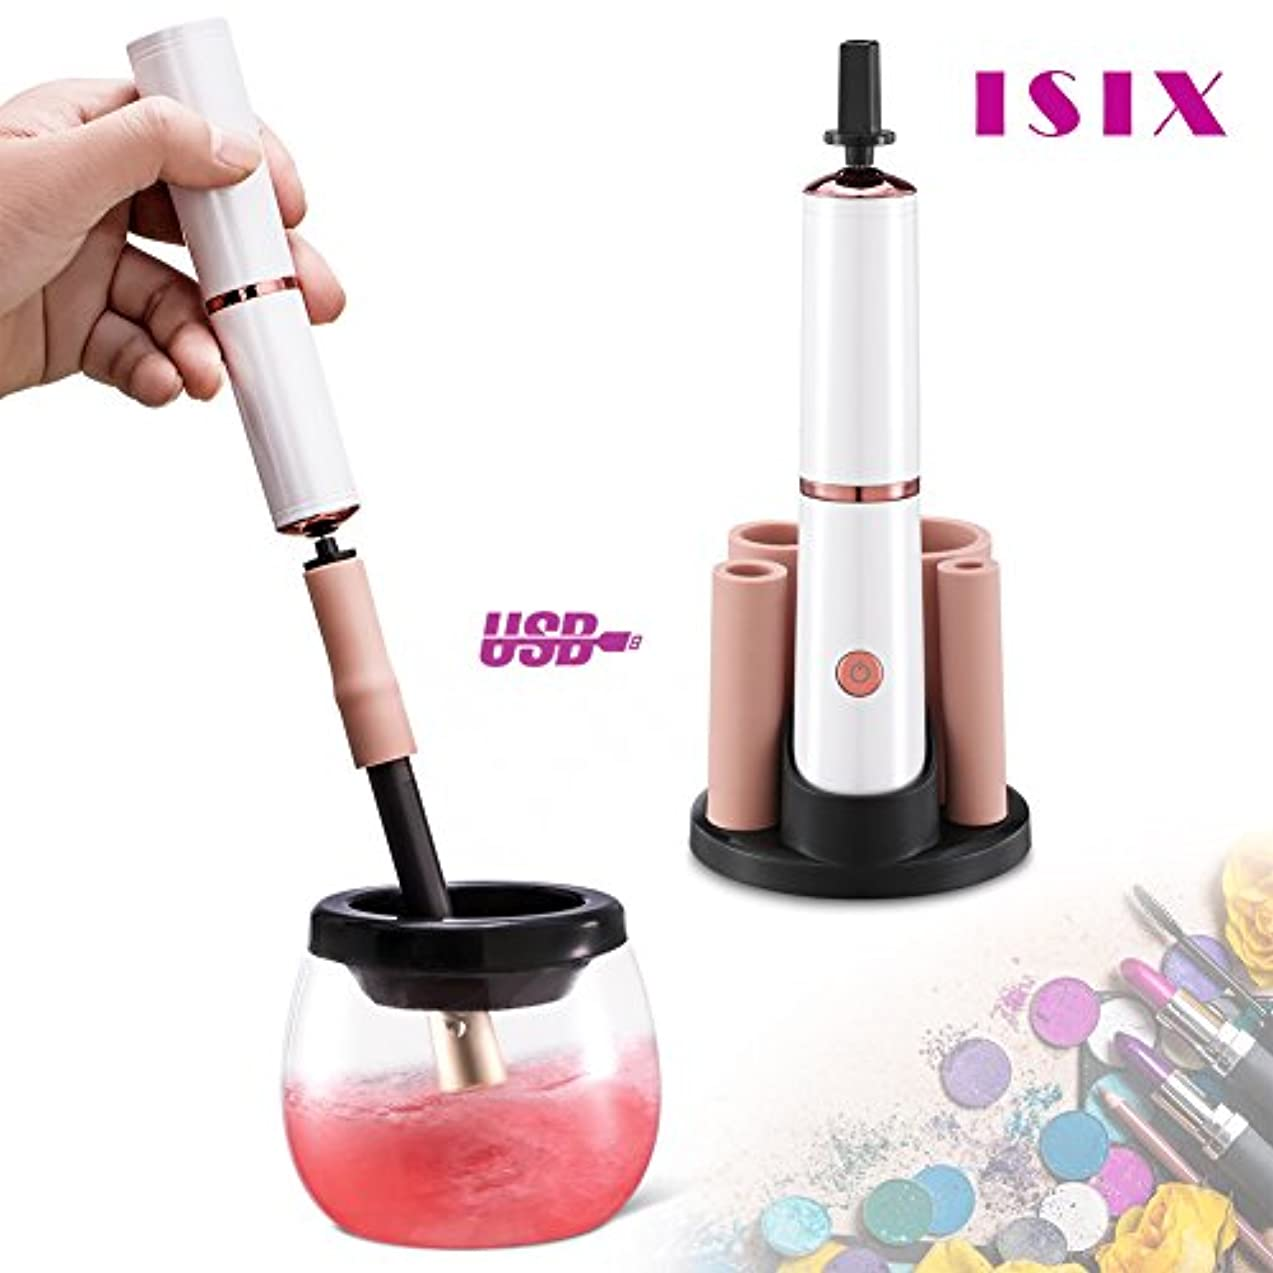 置き場コールド群れ電動メイクブラシクリーナー USB充電 10秒脱水 快速乾燥 化粧ブラシクリーナー ほとんどの化粧ブラシに適しています